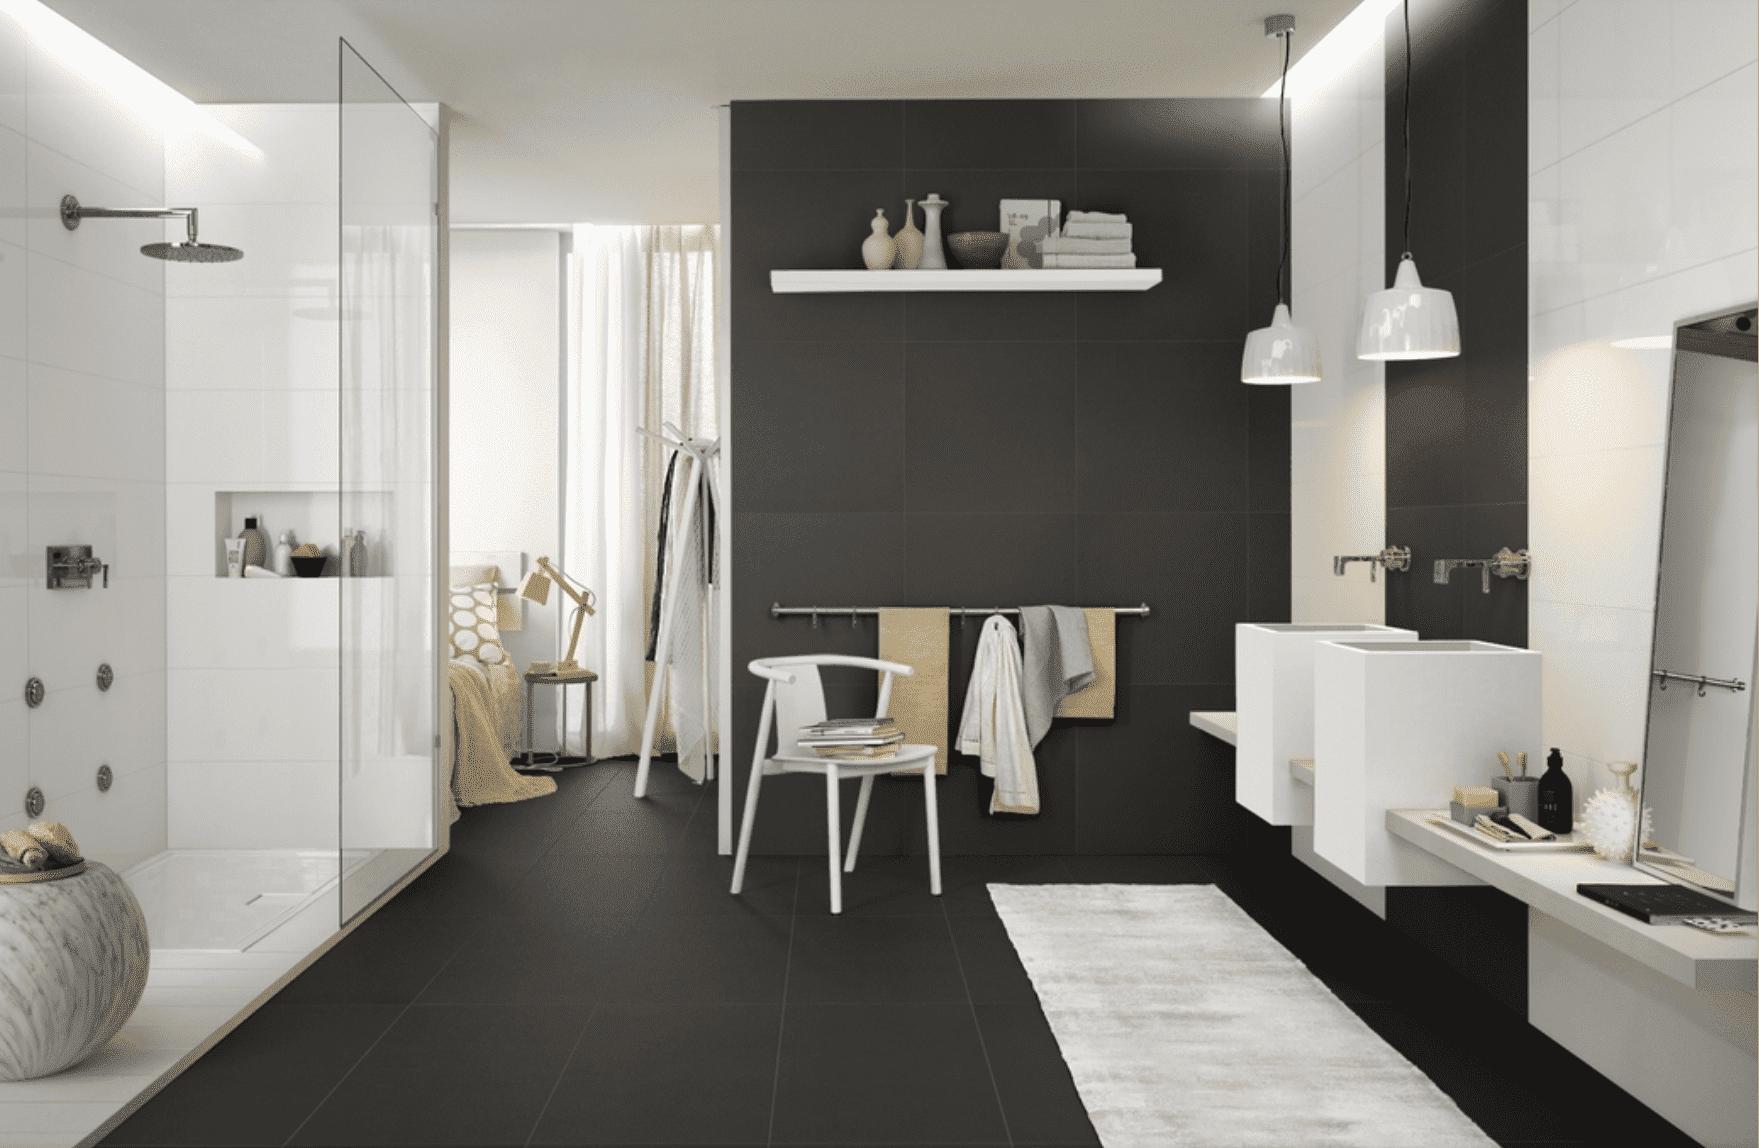 Arredamento Pavimento Scuro come scegliere le finiture del bagno e abbinarle bene? basta